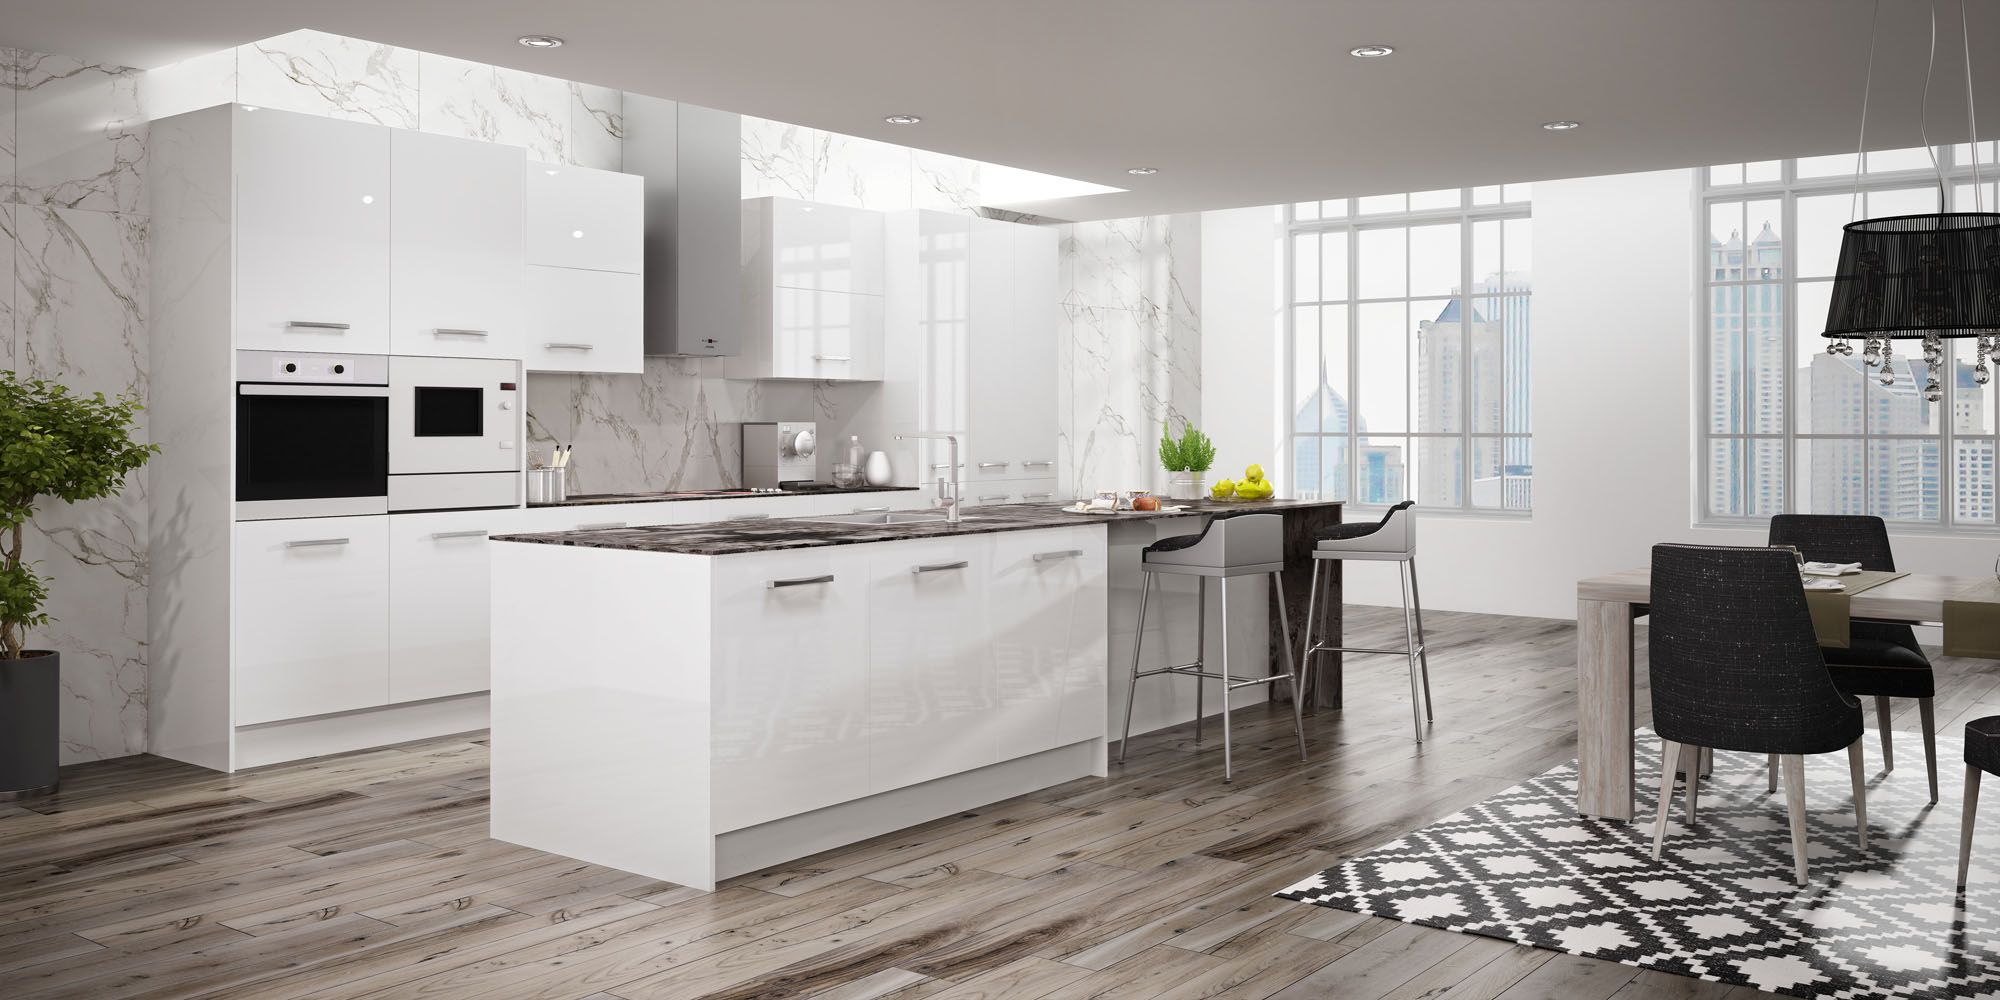 Cocinas modernas blancas con isla cocinas faro by alvic for Cocinas integrales con isla